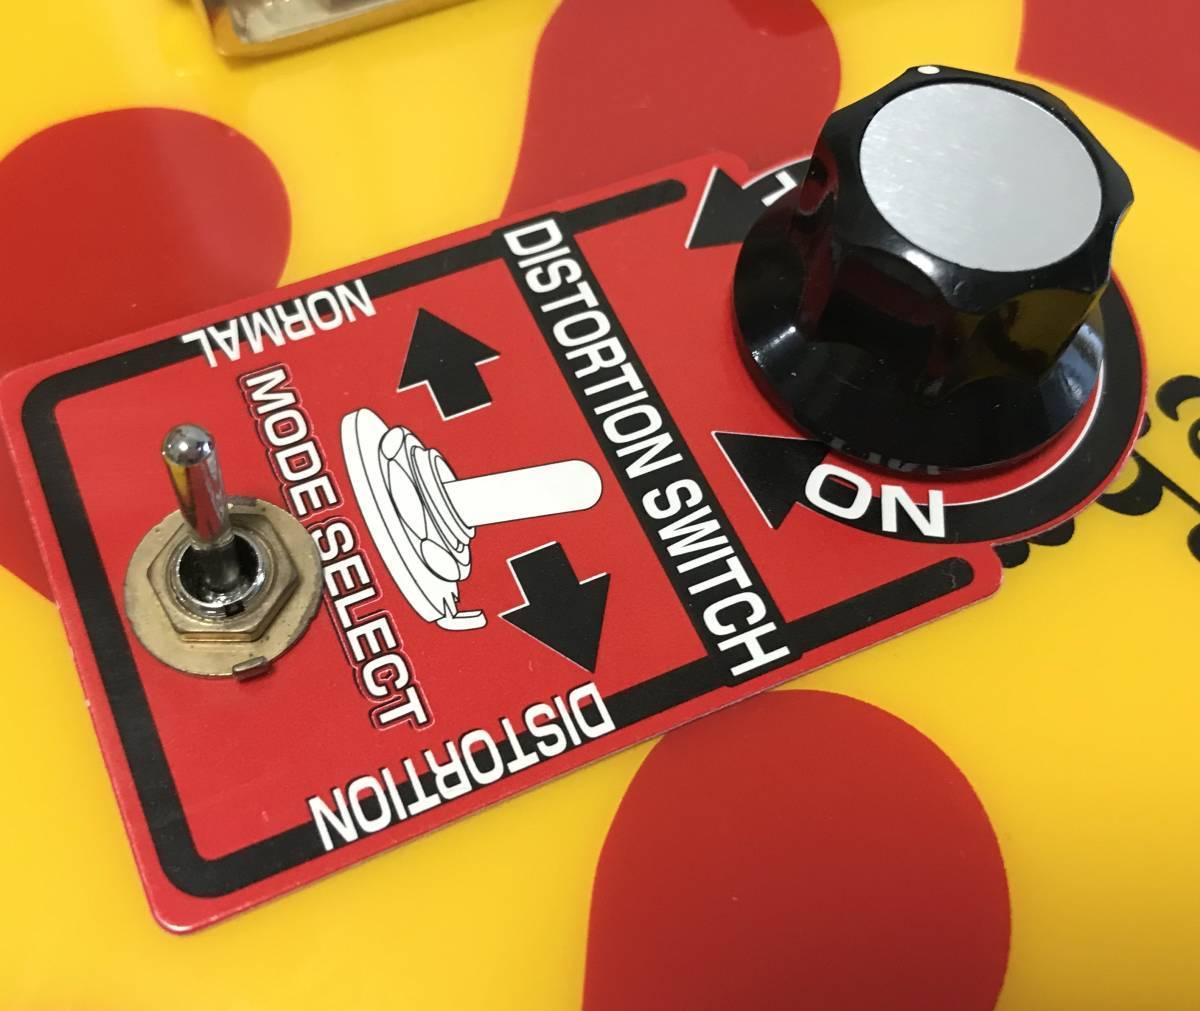 【希少・レア】FERNANDES フェルナンデス ZO-3 イエローハート hideモデル 初回生産500本 オリジナルケース付 YELLOW HEART-ZO 定価\44,940_画像3